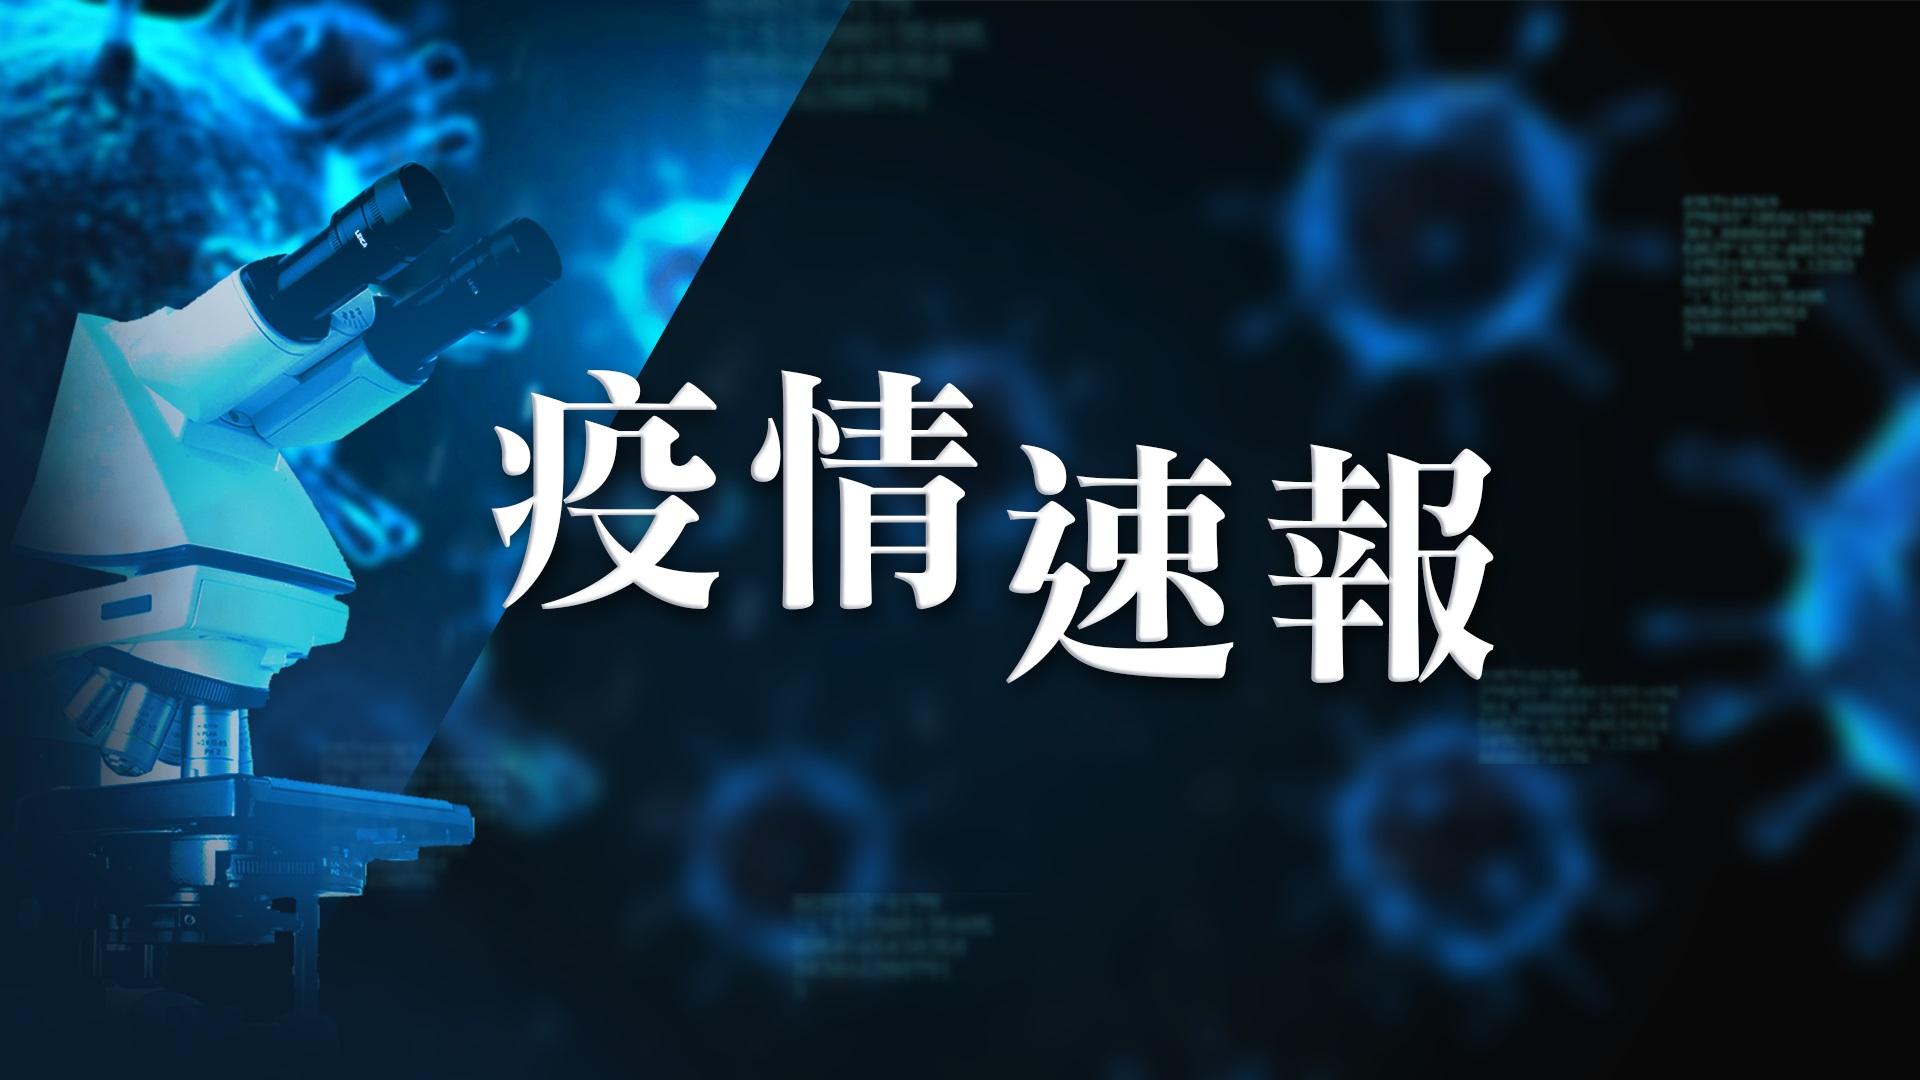 【7月12日疫情速報】(18:40)